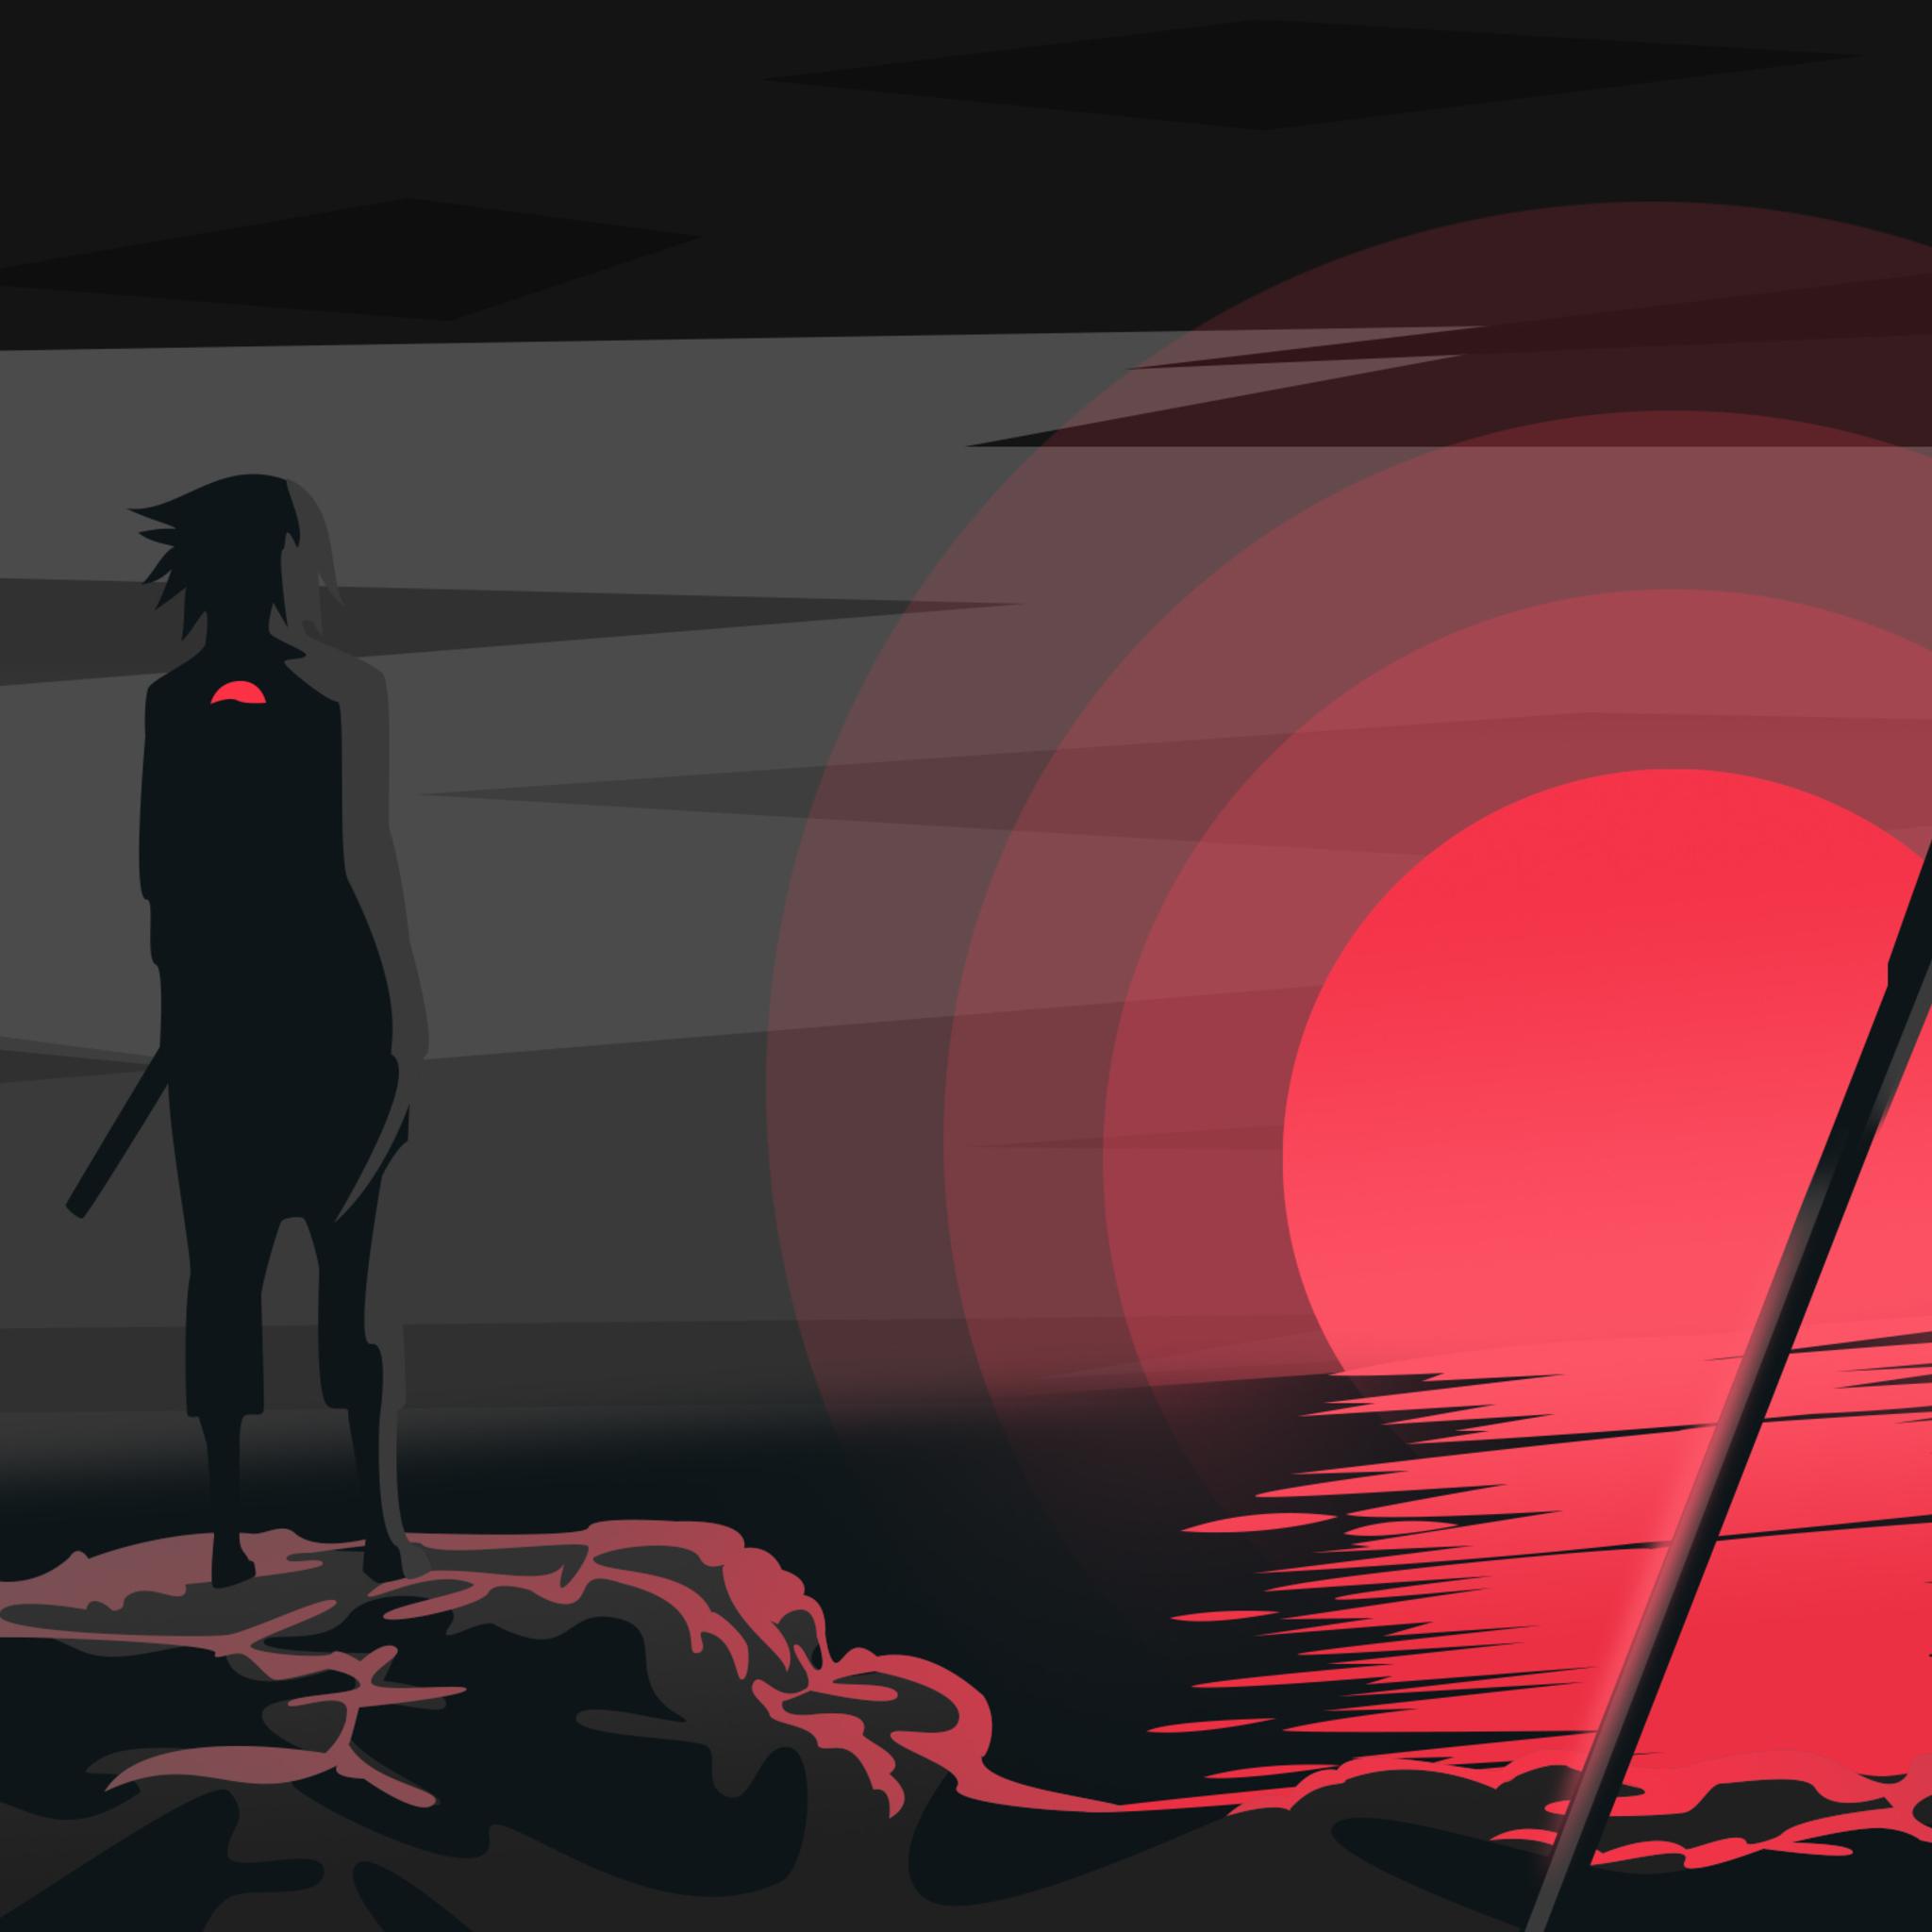 uchiha-sasuke-naruto-ix.jpg